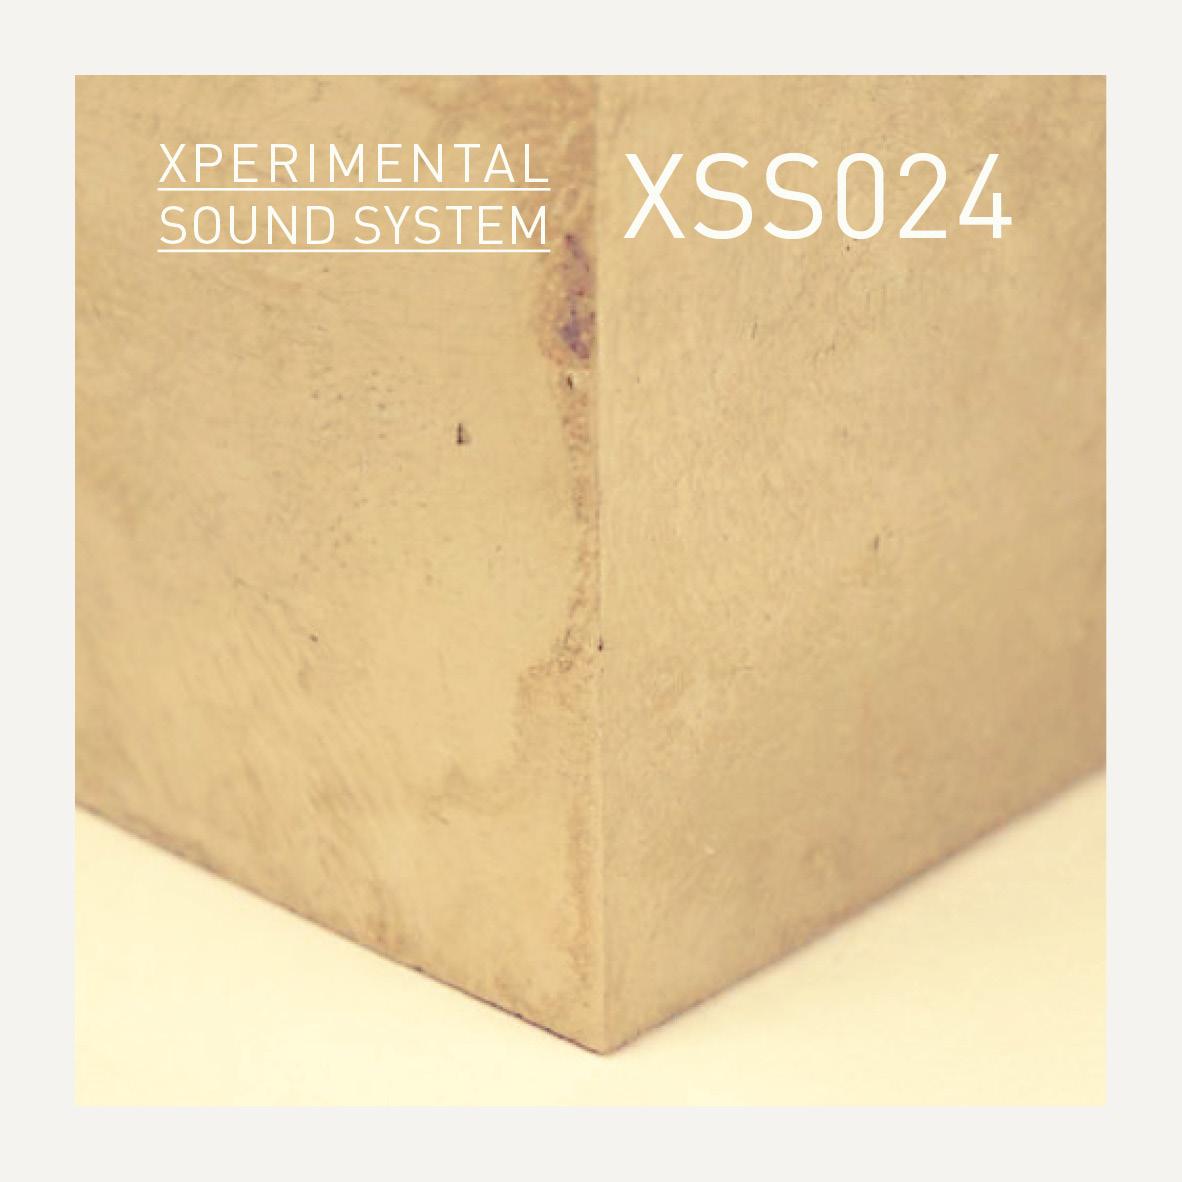 XSS024